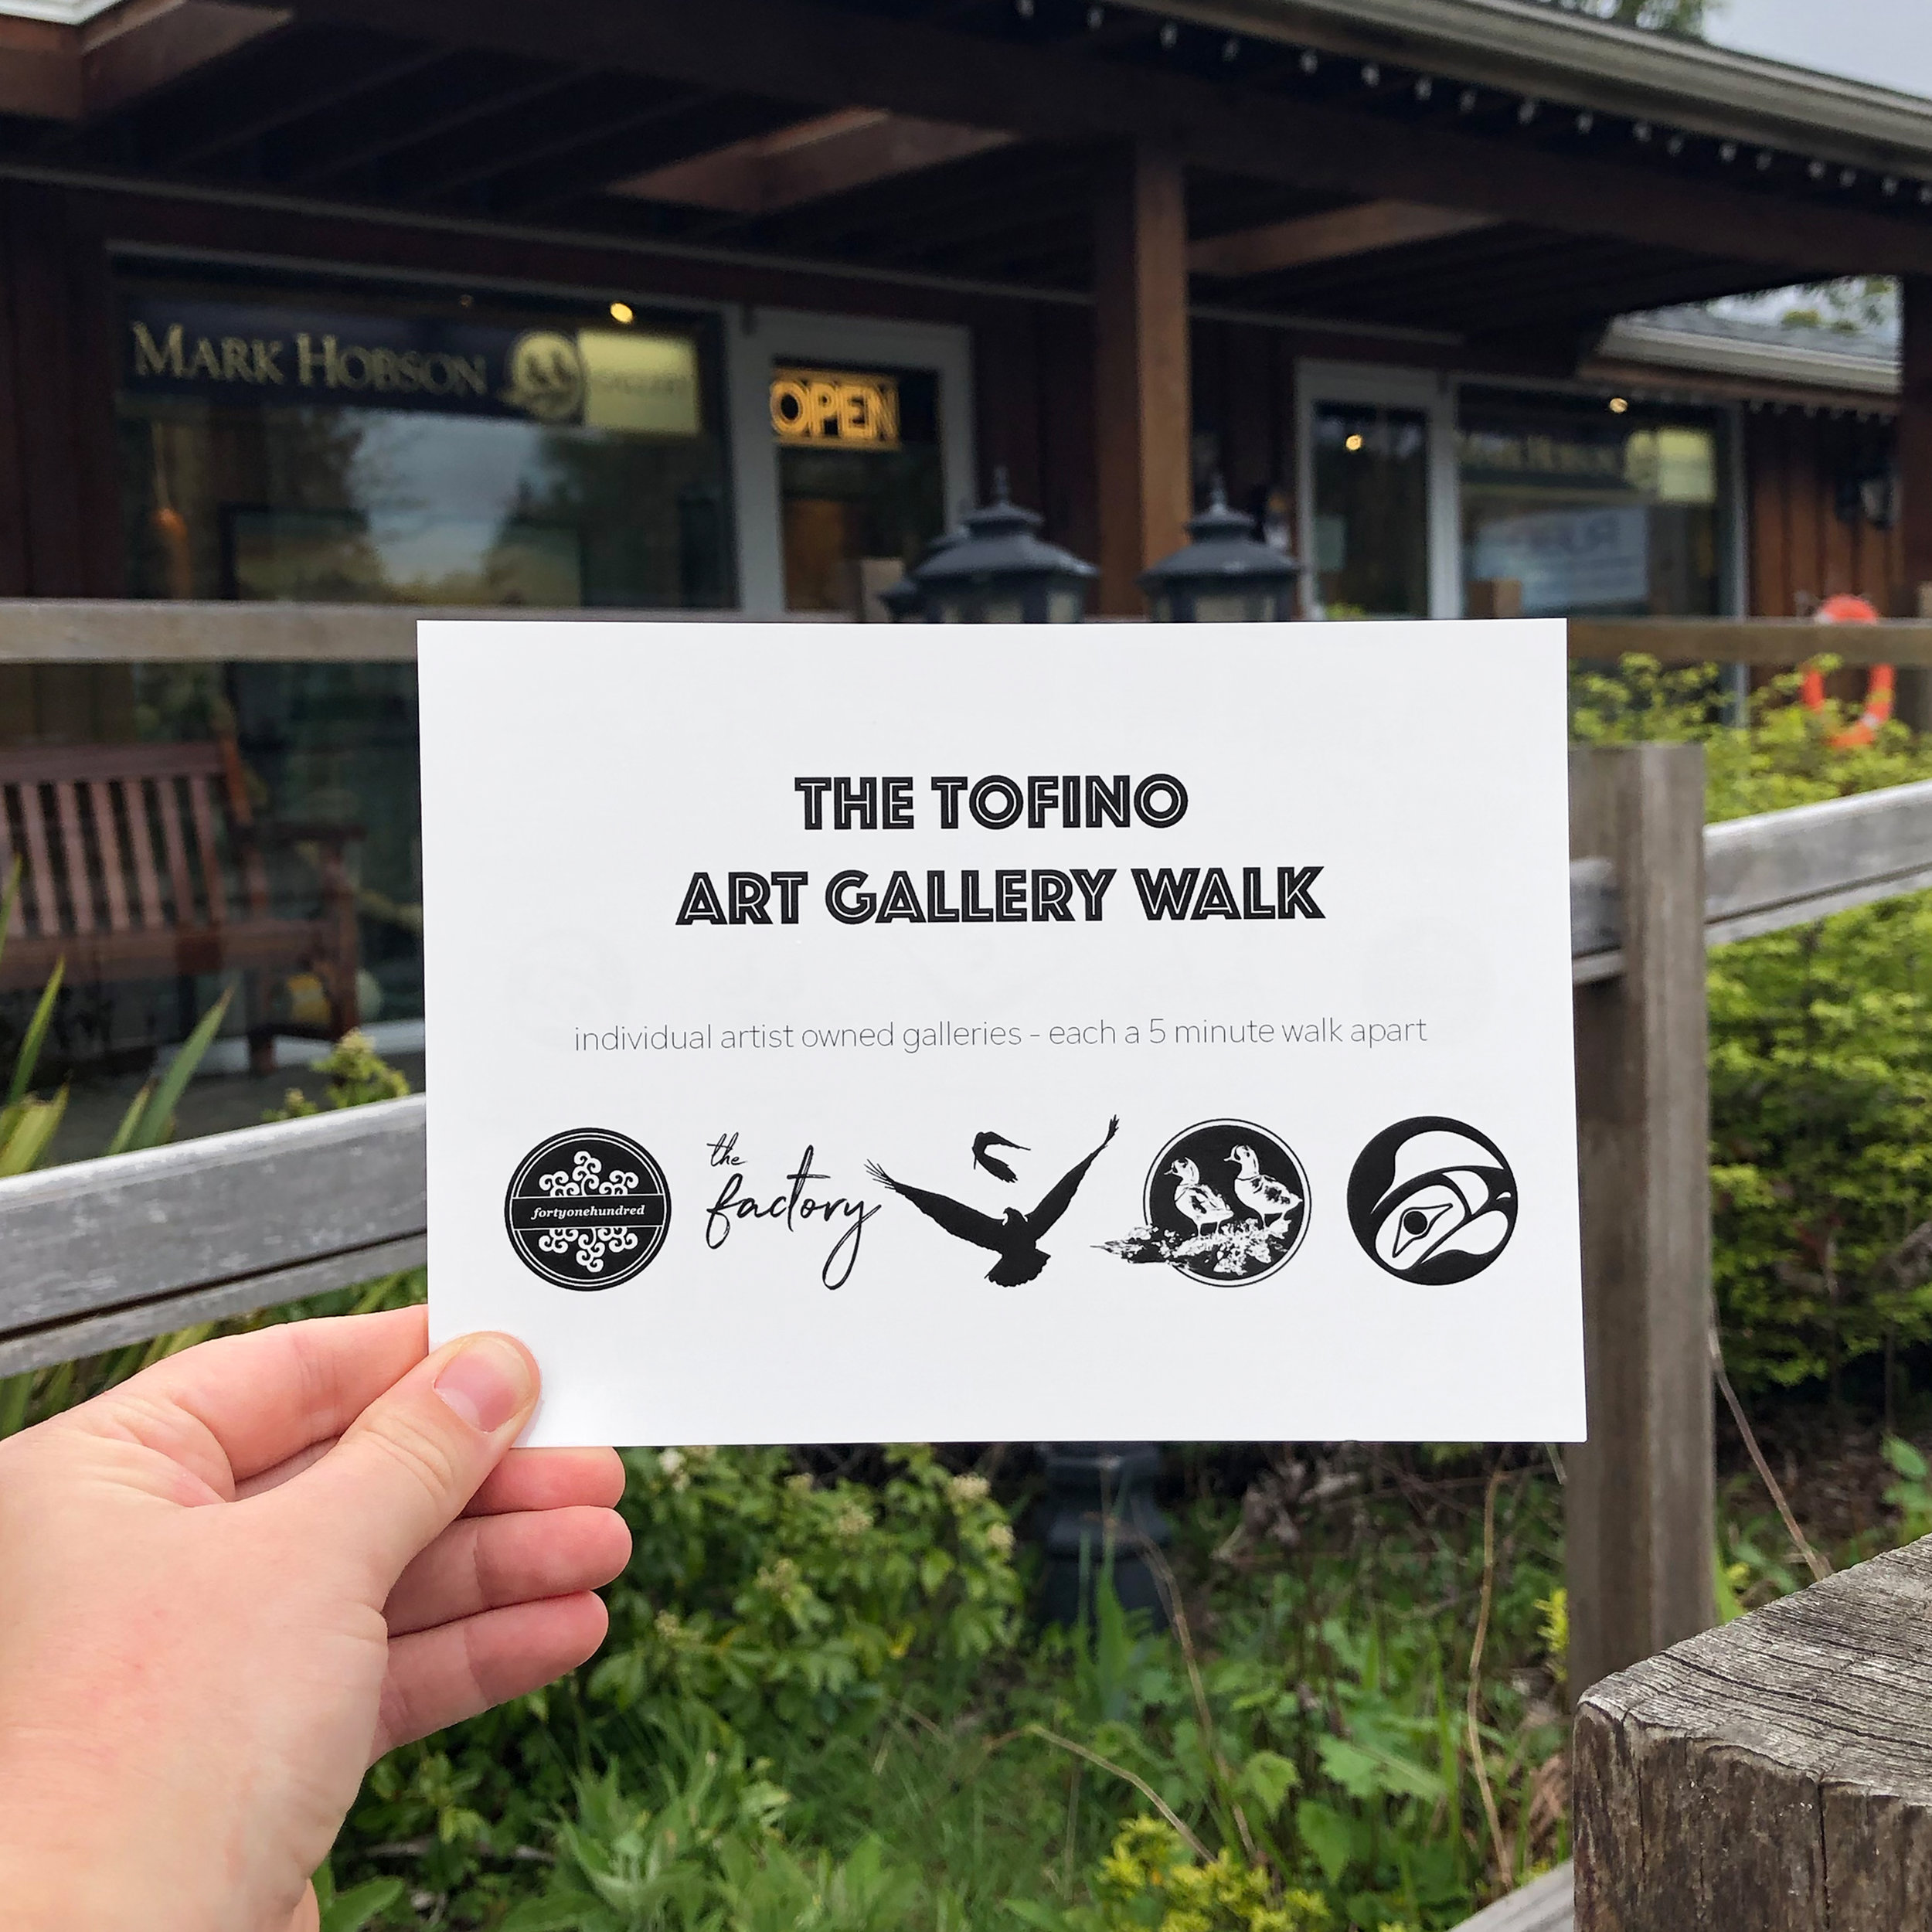 5. The Tofino Art Gallery Walk.jpg